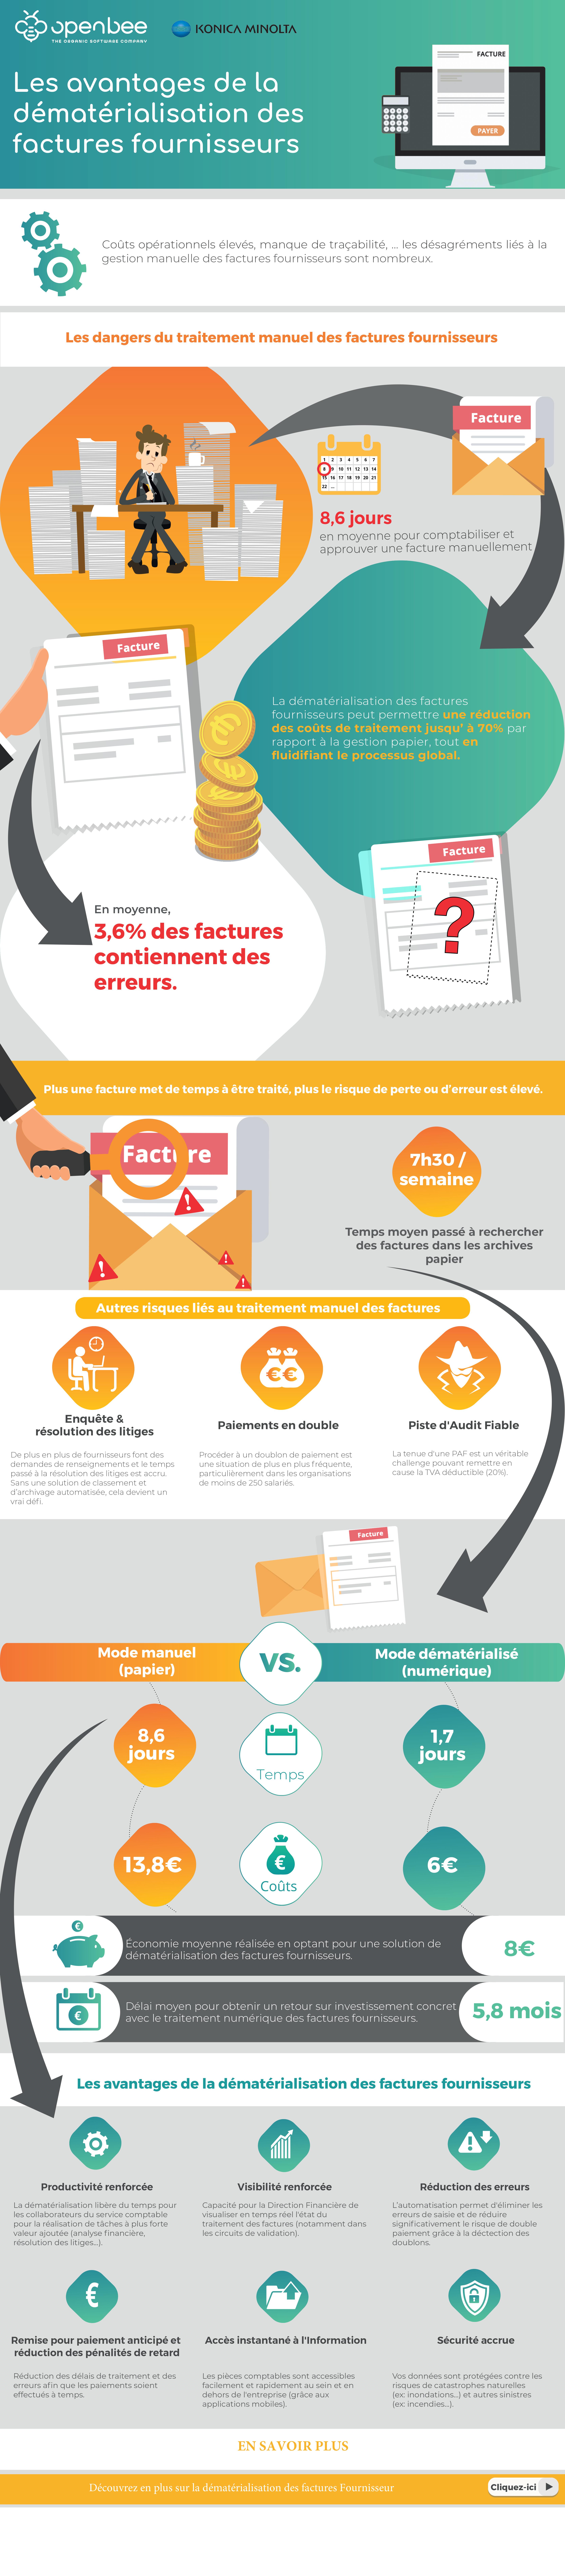 Infographie : Les atouts de la dématérialisation des factures fournisseurs